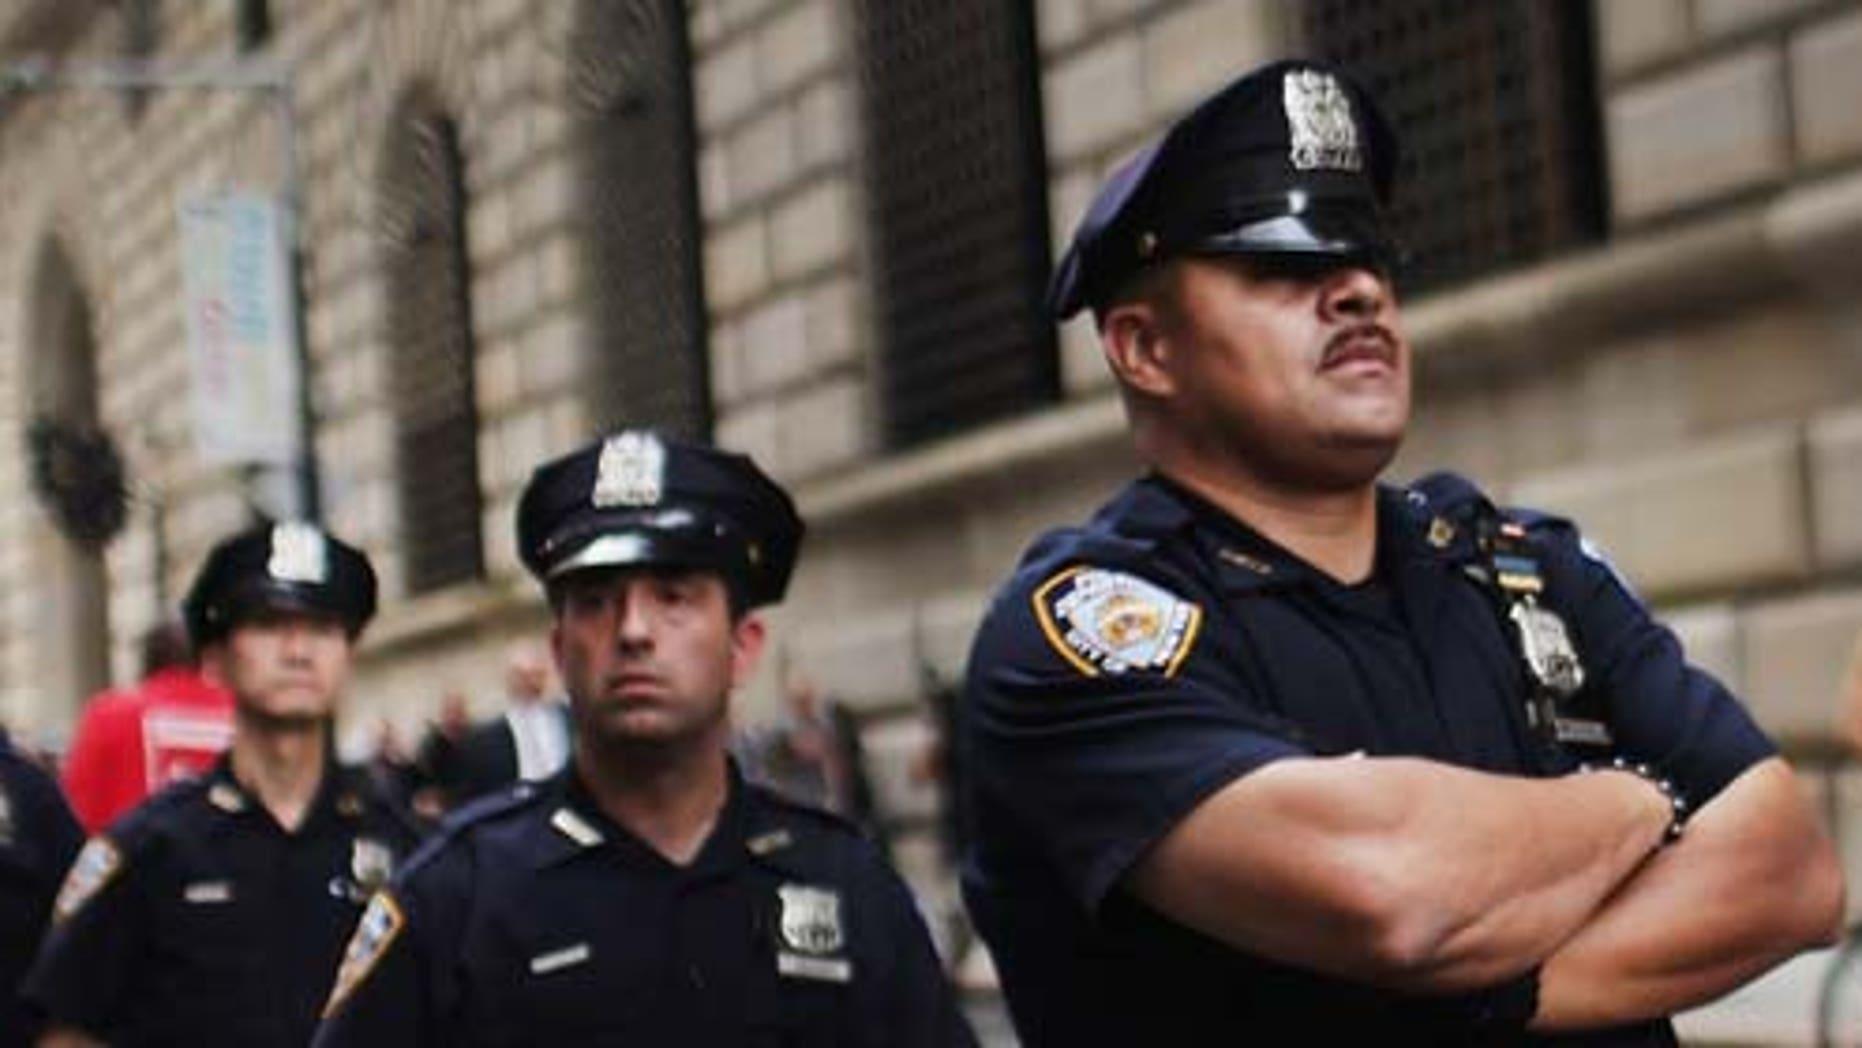 > on September 26, 2011 in New York City.